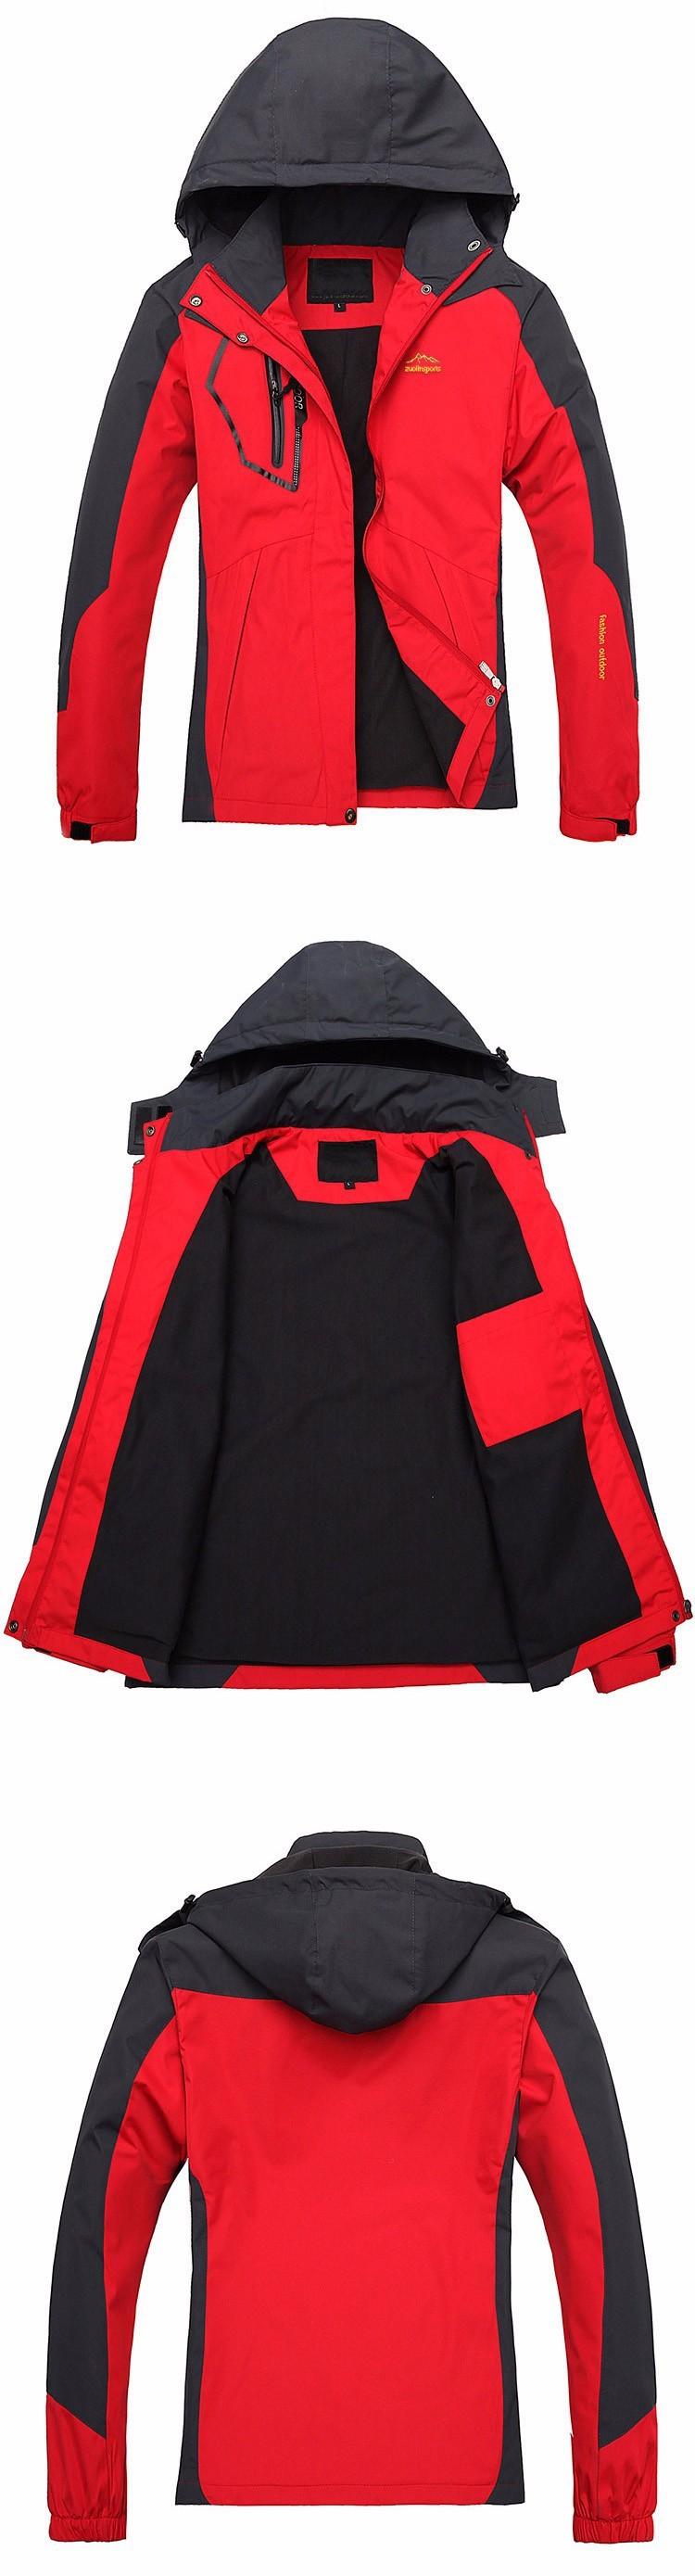 outdoor jacket 1211 5